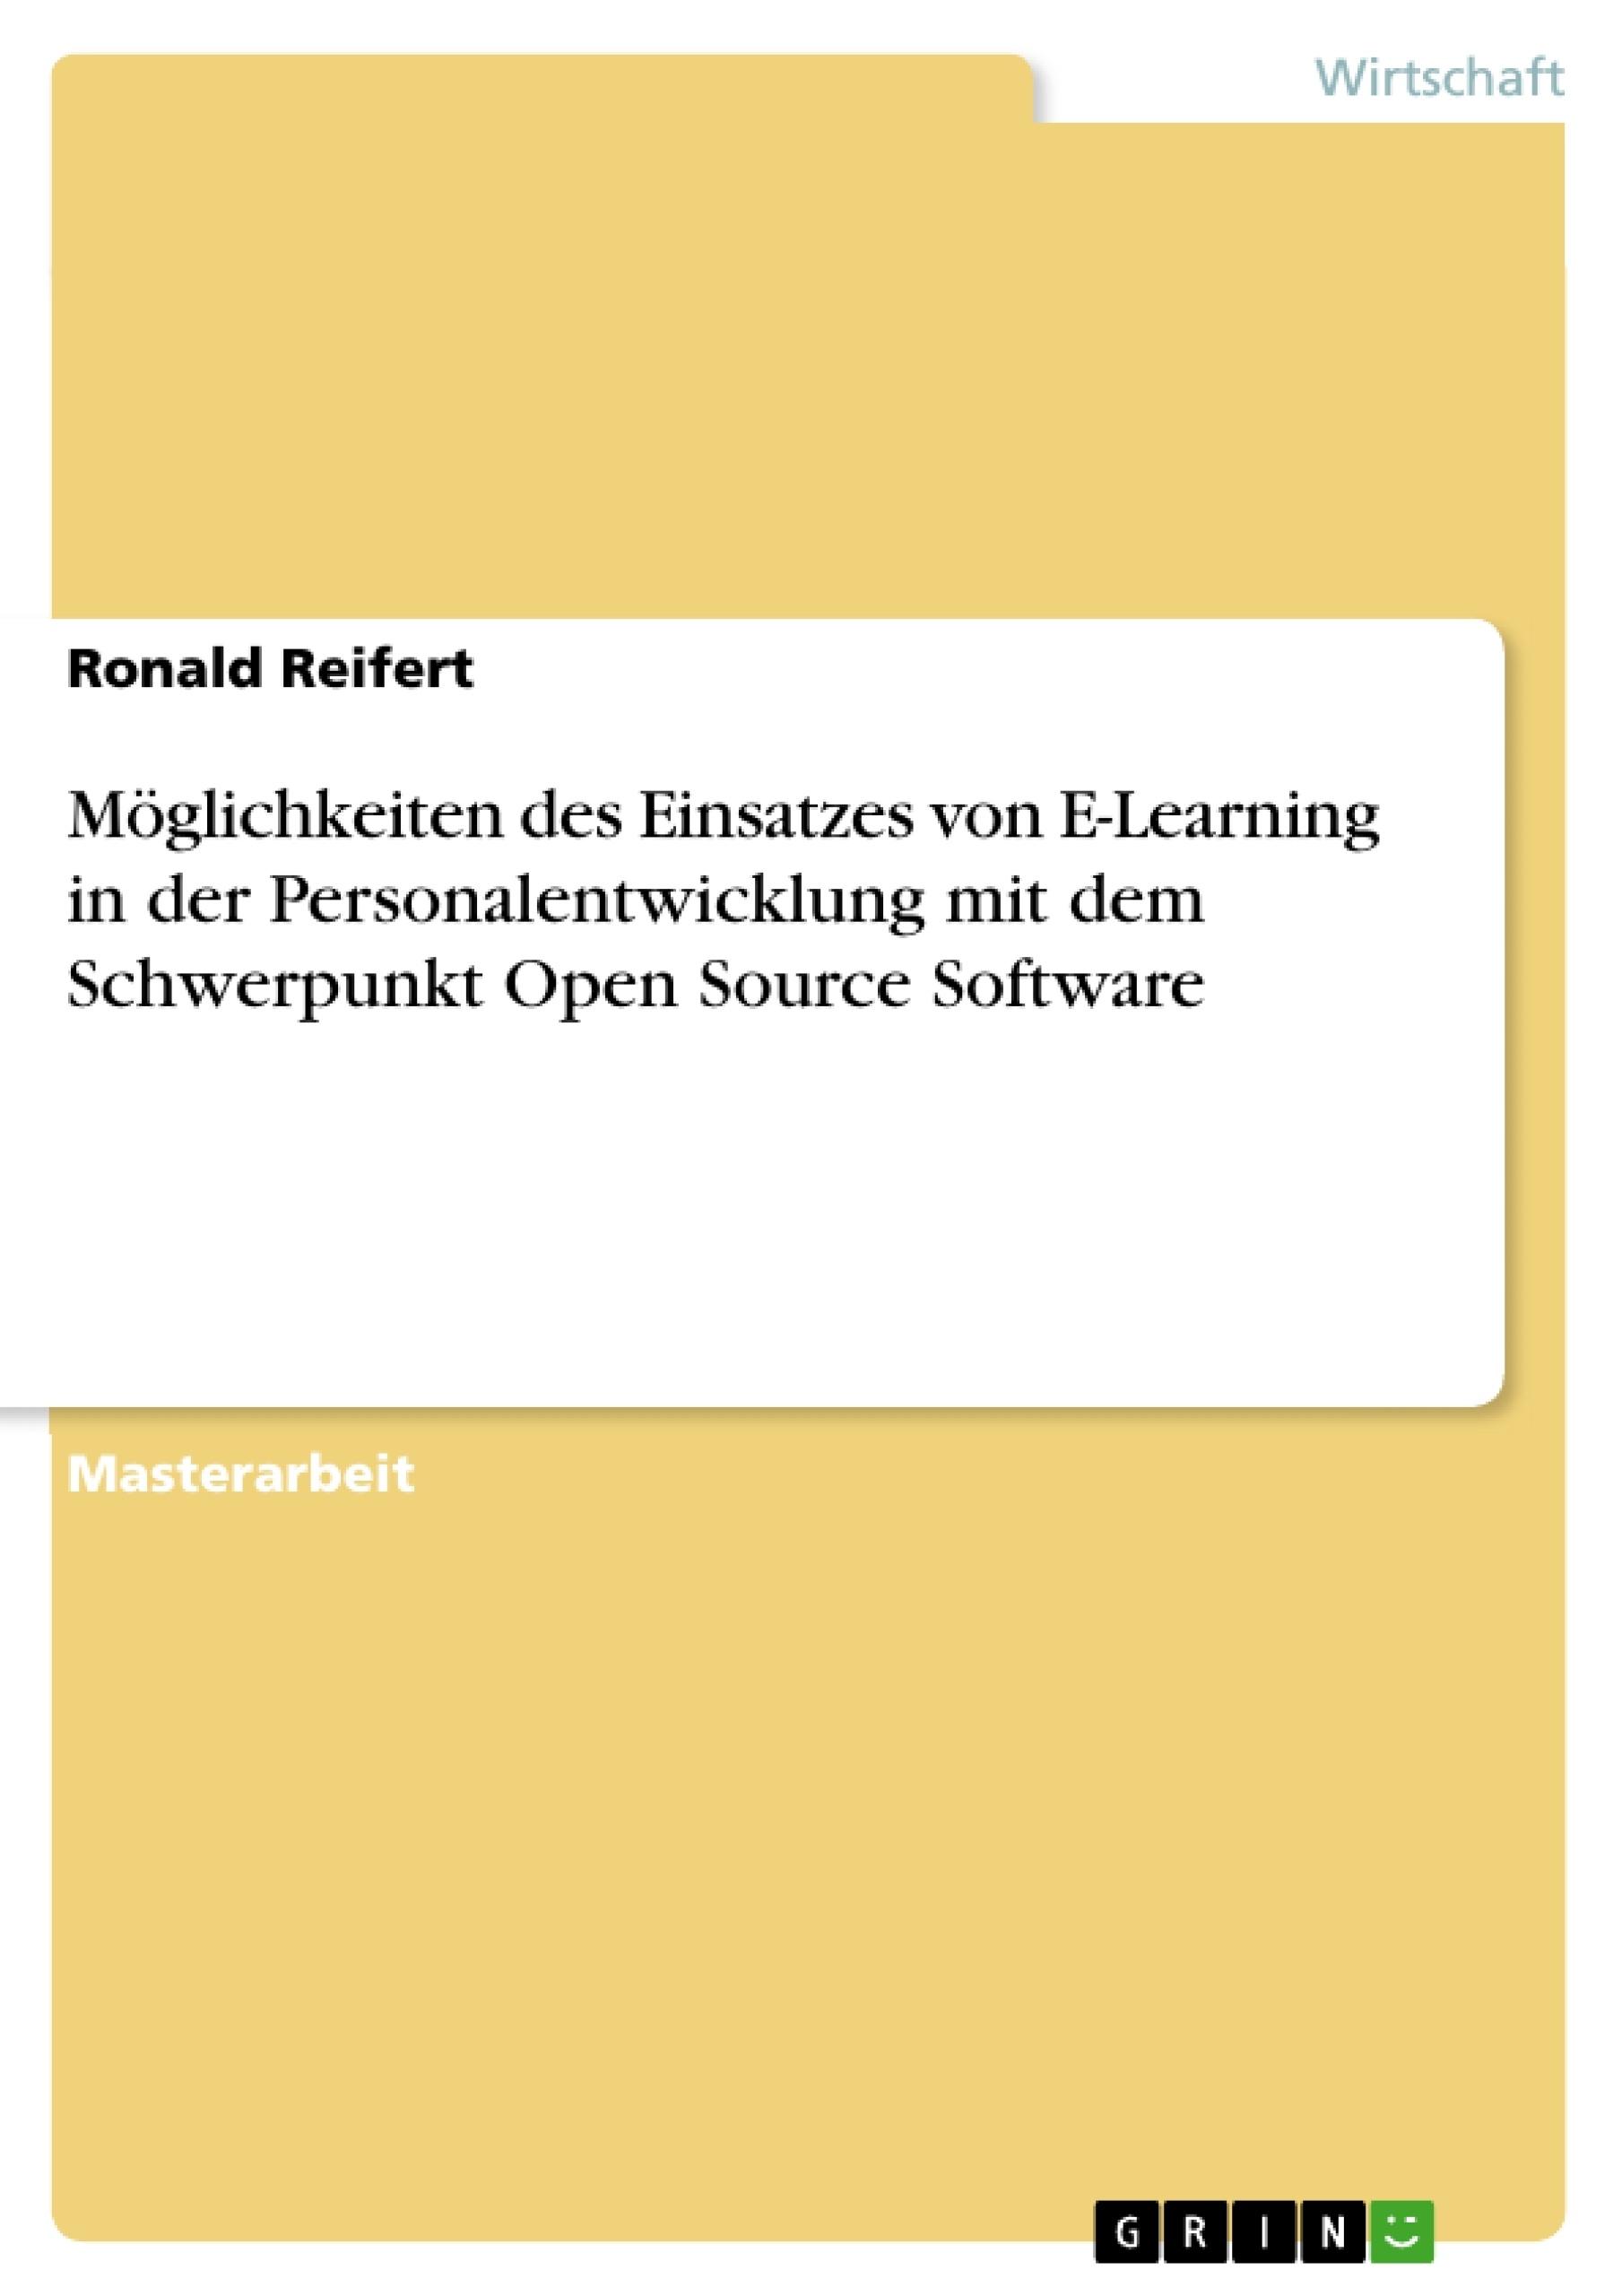 Titel: Möglichkeiten des Einsatzes von E-Learning in der Personalentwicklung mit dem Schwerpunkt Open Source Software